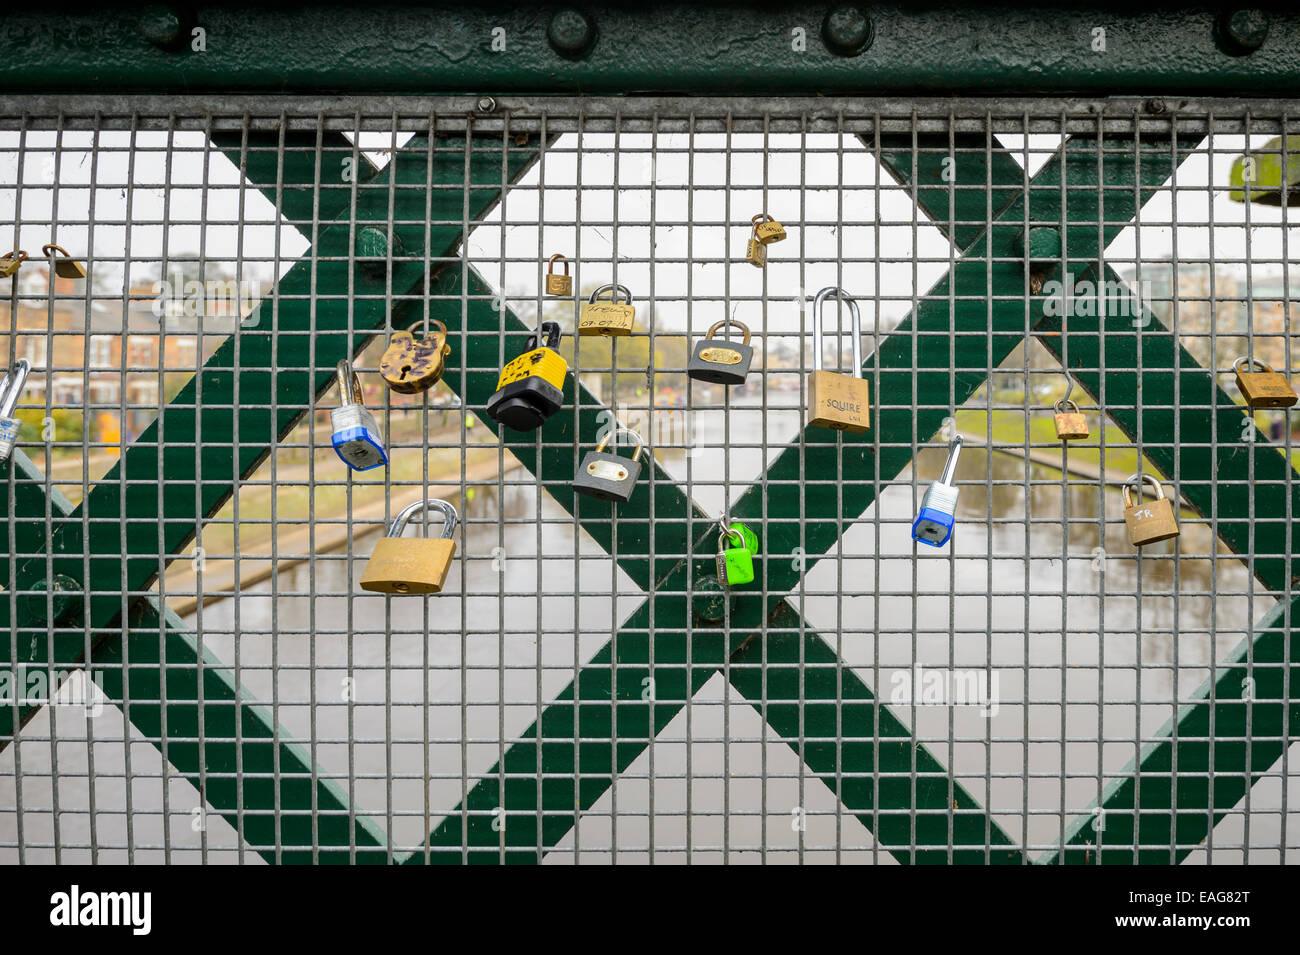 Un espectáculo público de afecto - candados a la izquierda en un puente de ferrocarril de York valla simbólica Imagen De Stock